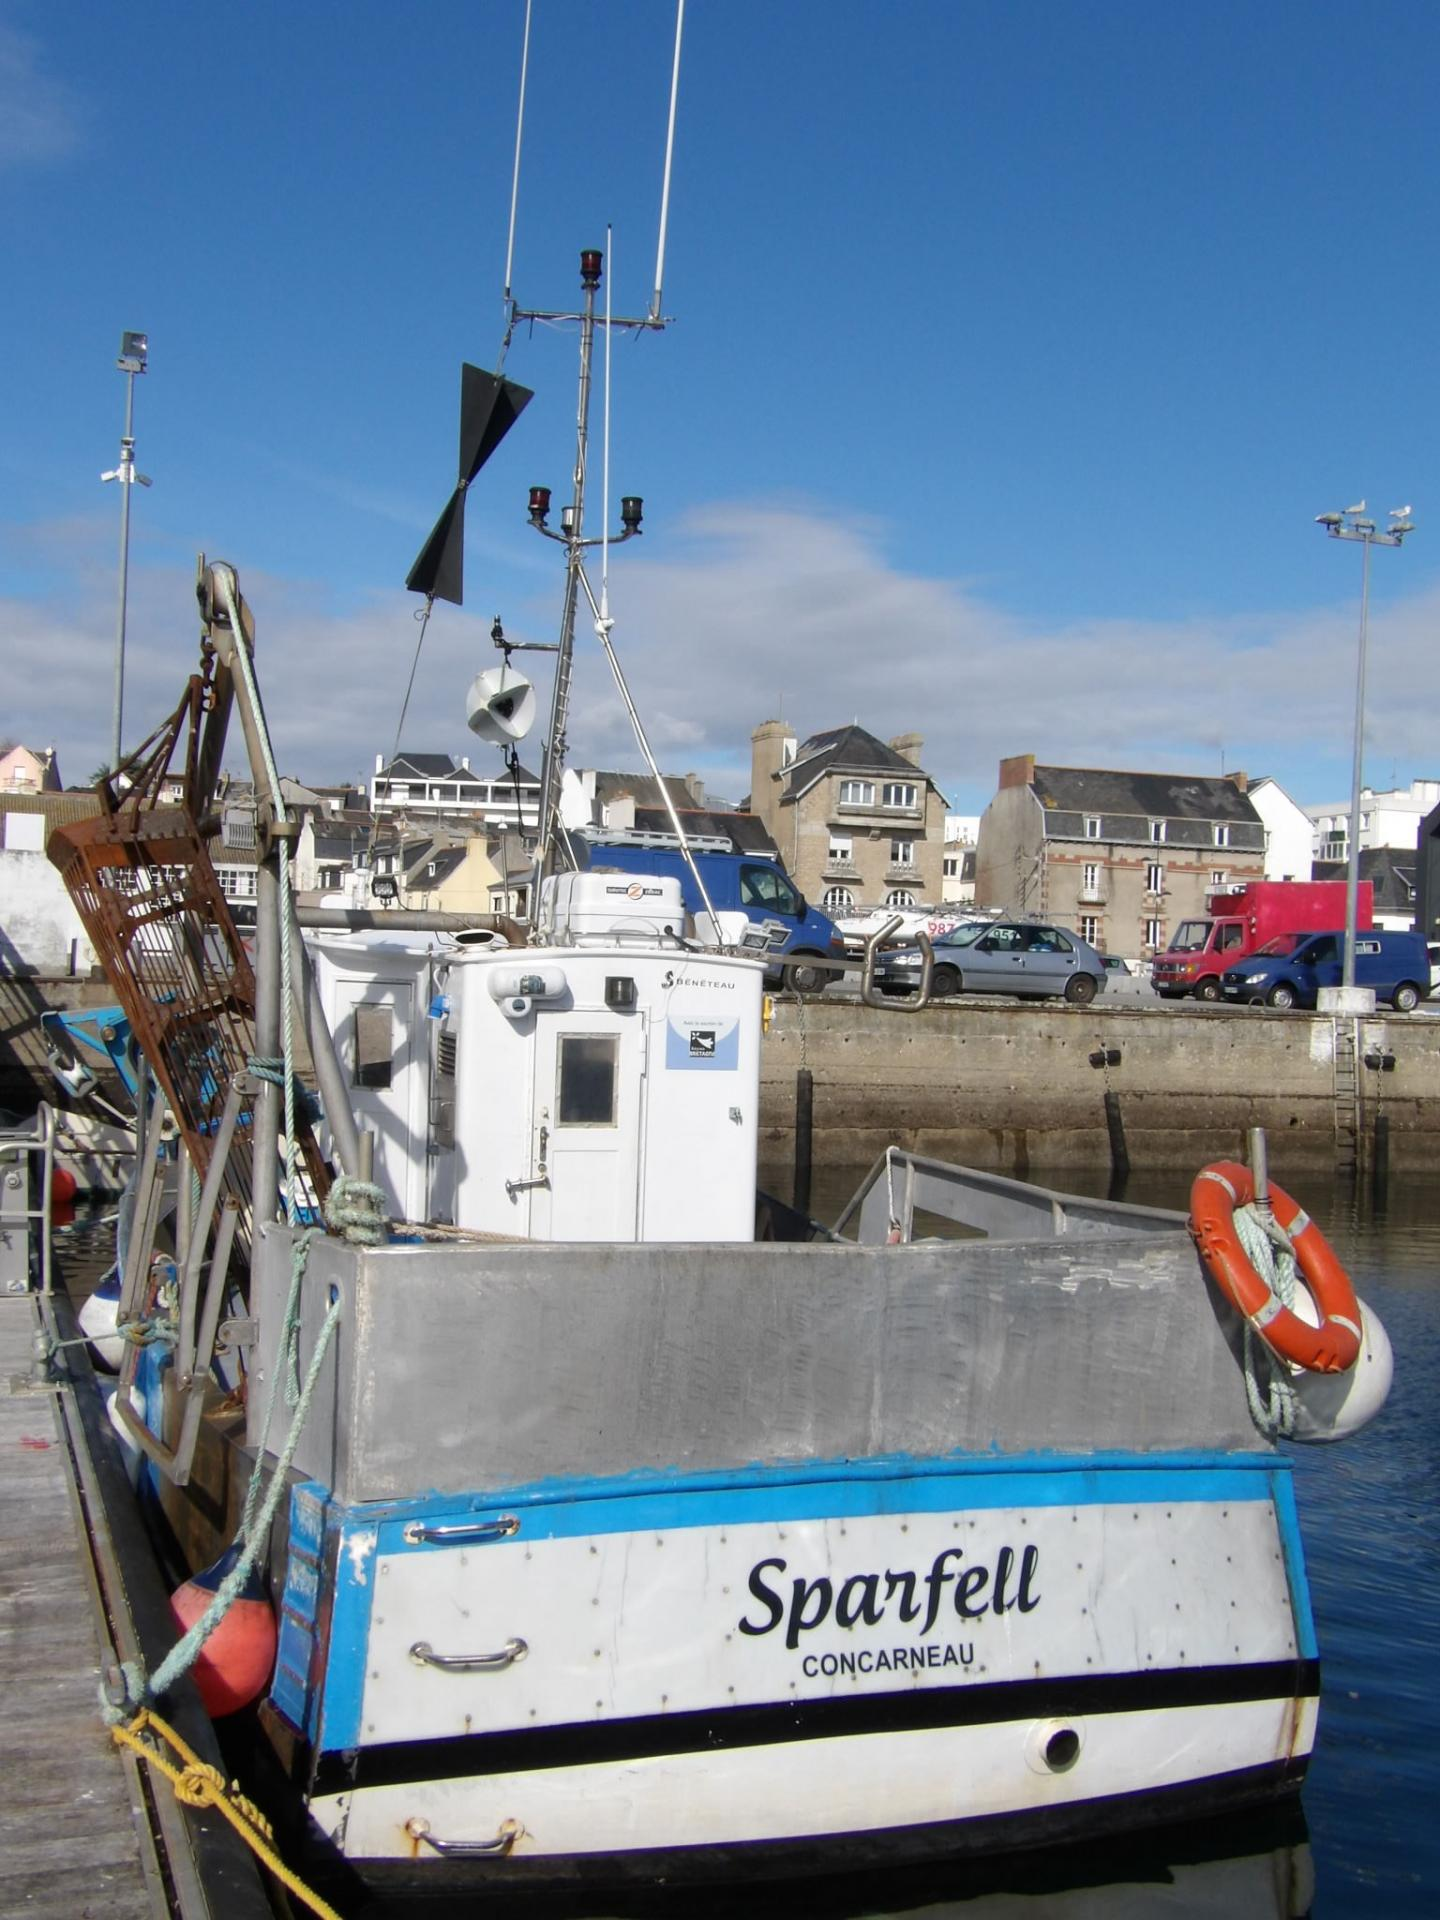 201015 sparfell cc642401 a 2